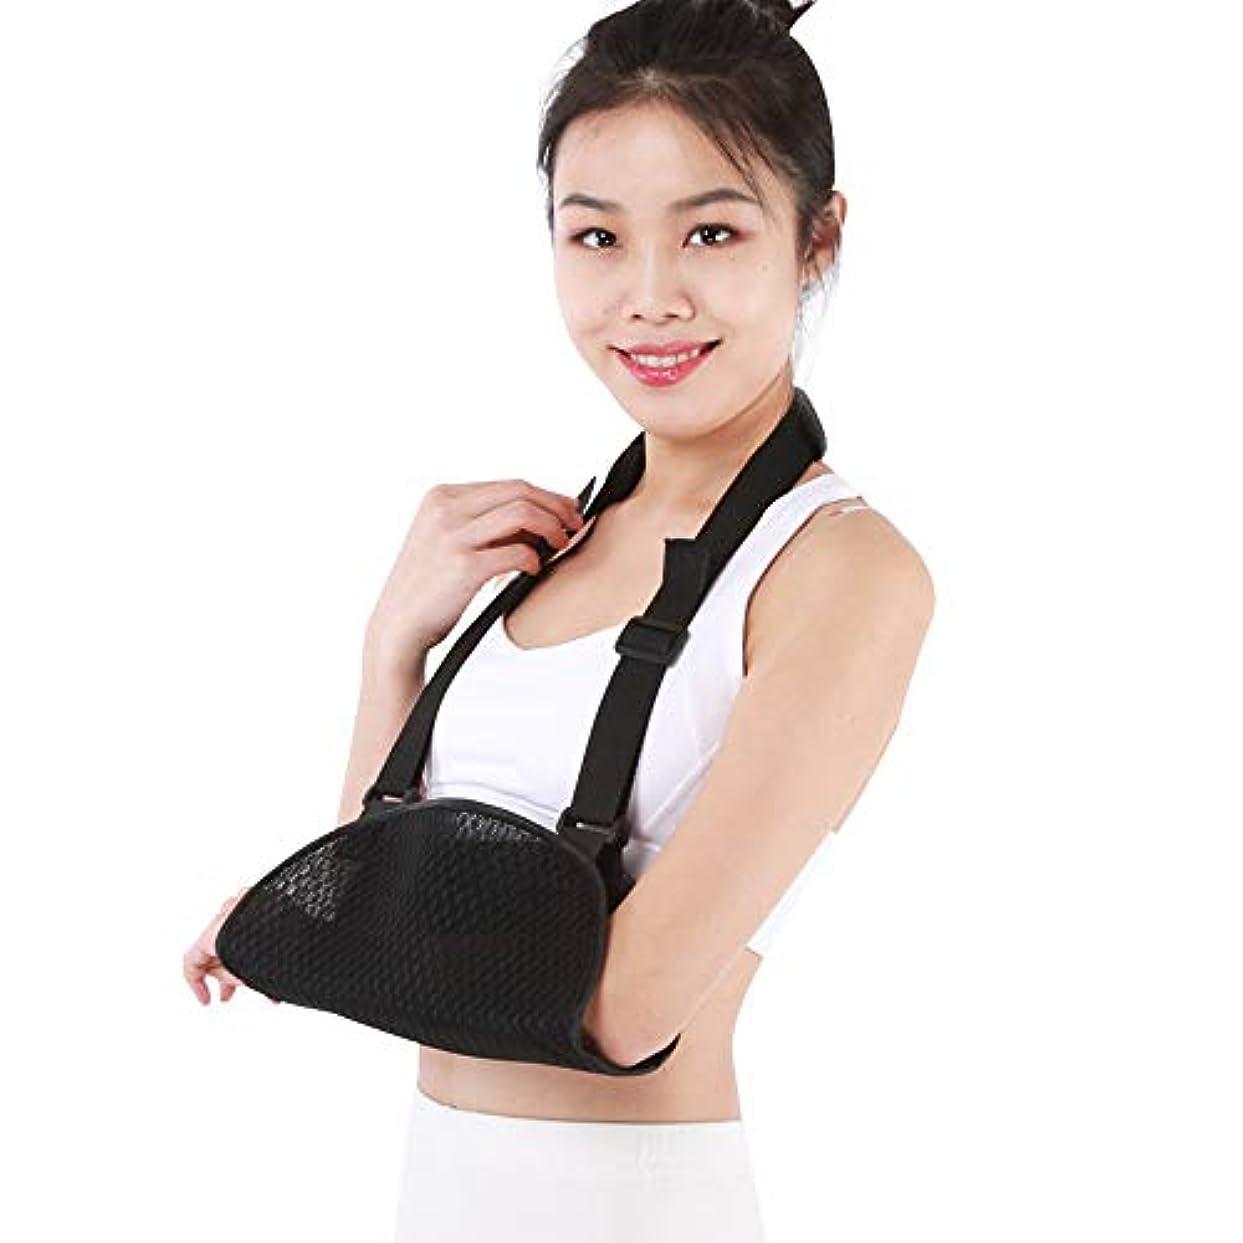 頭蓋骨見物人ガラスアームスリングメディカルサポートストラップ、男性用および女性用、肩、腕、肘、回旋腱板痛用の調節可能なスリングを備えた快適なイモビライザー